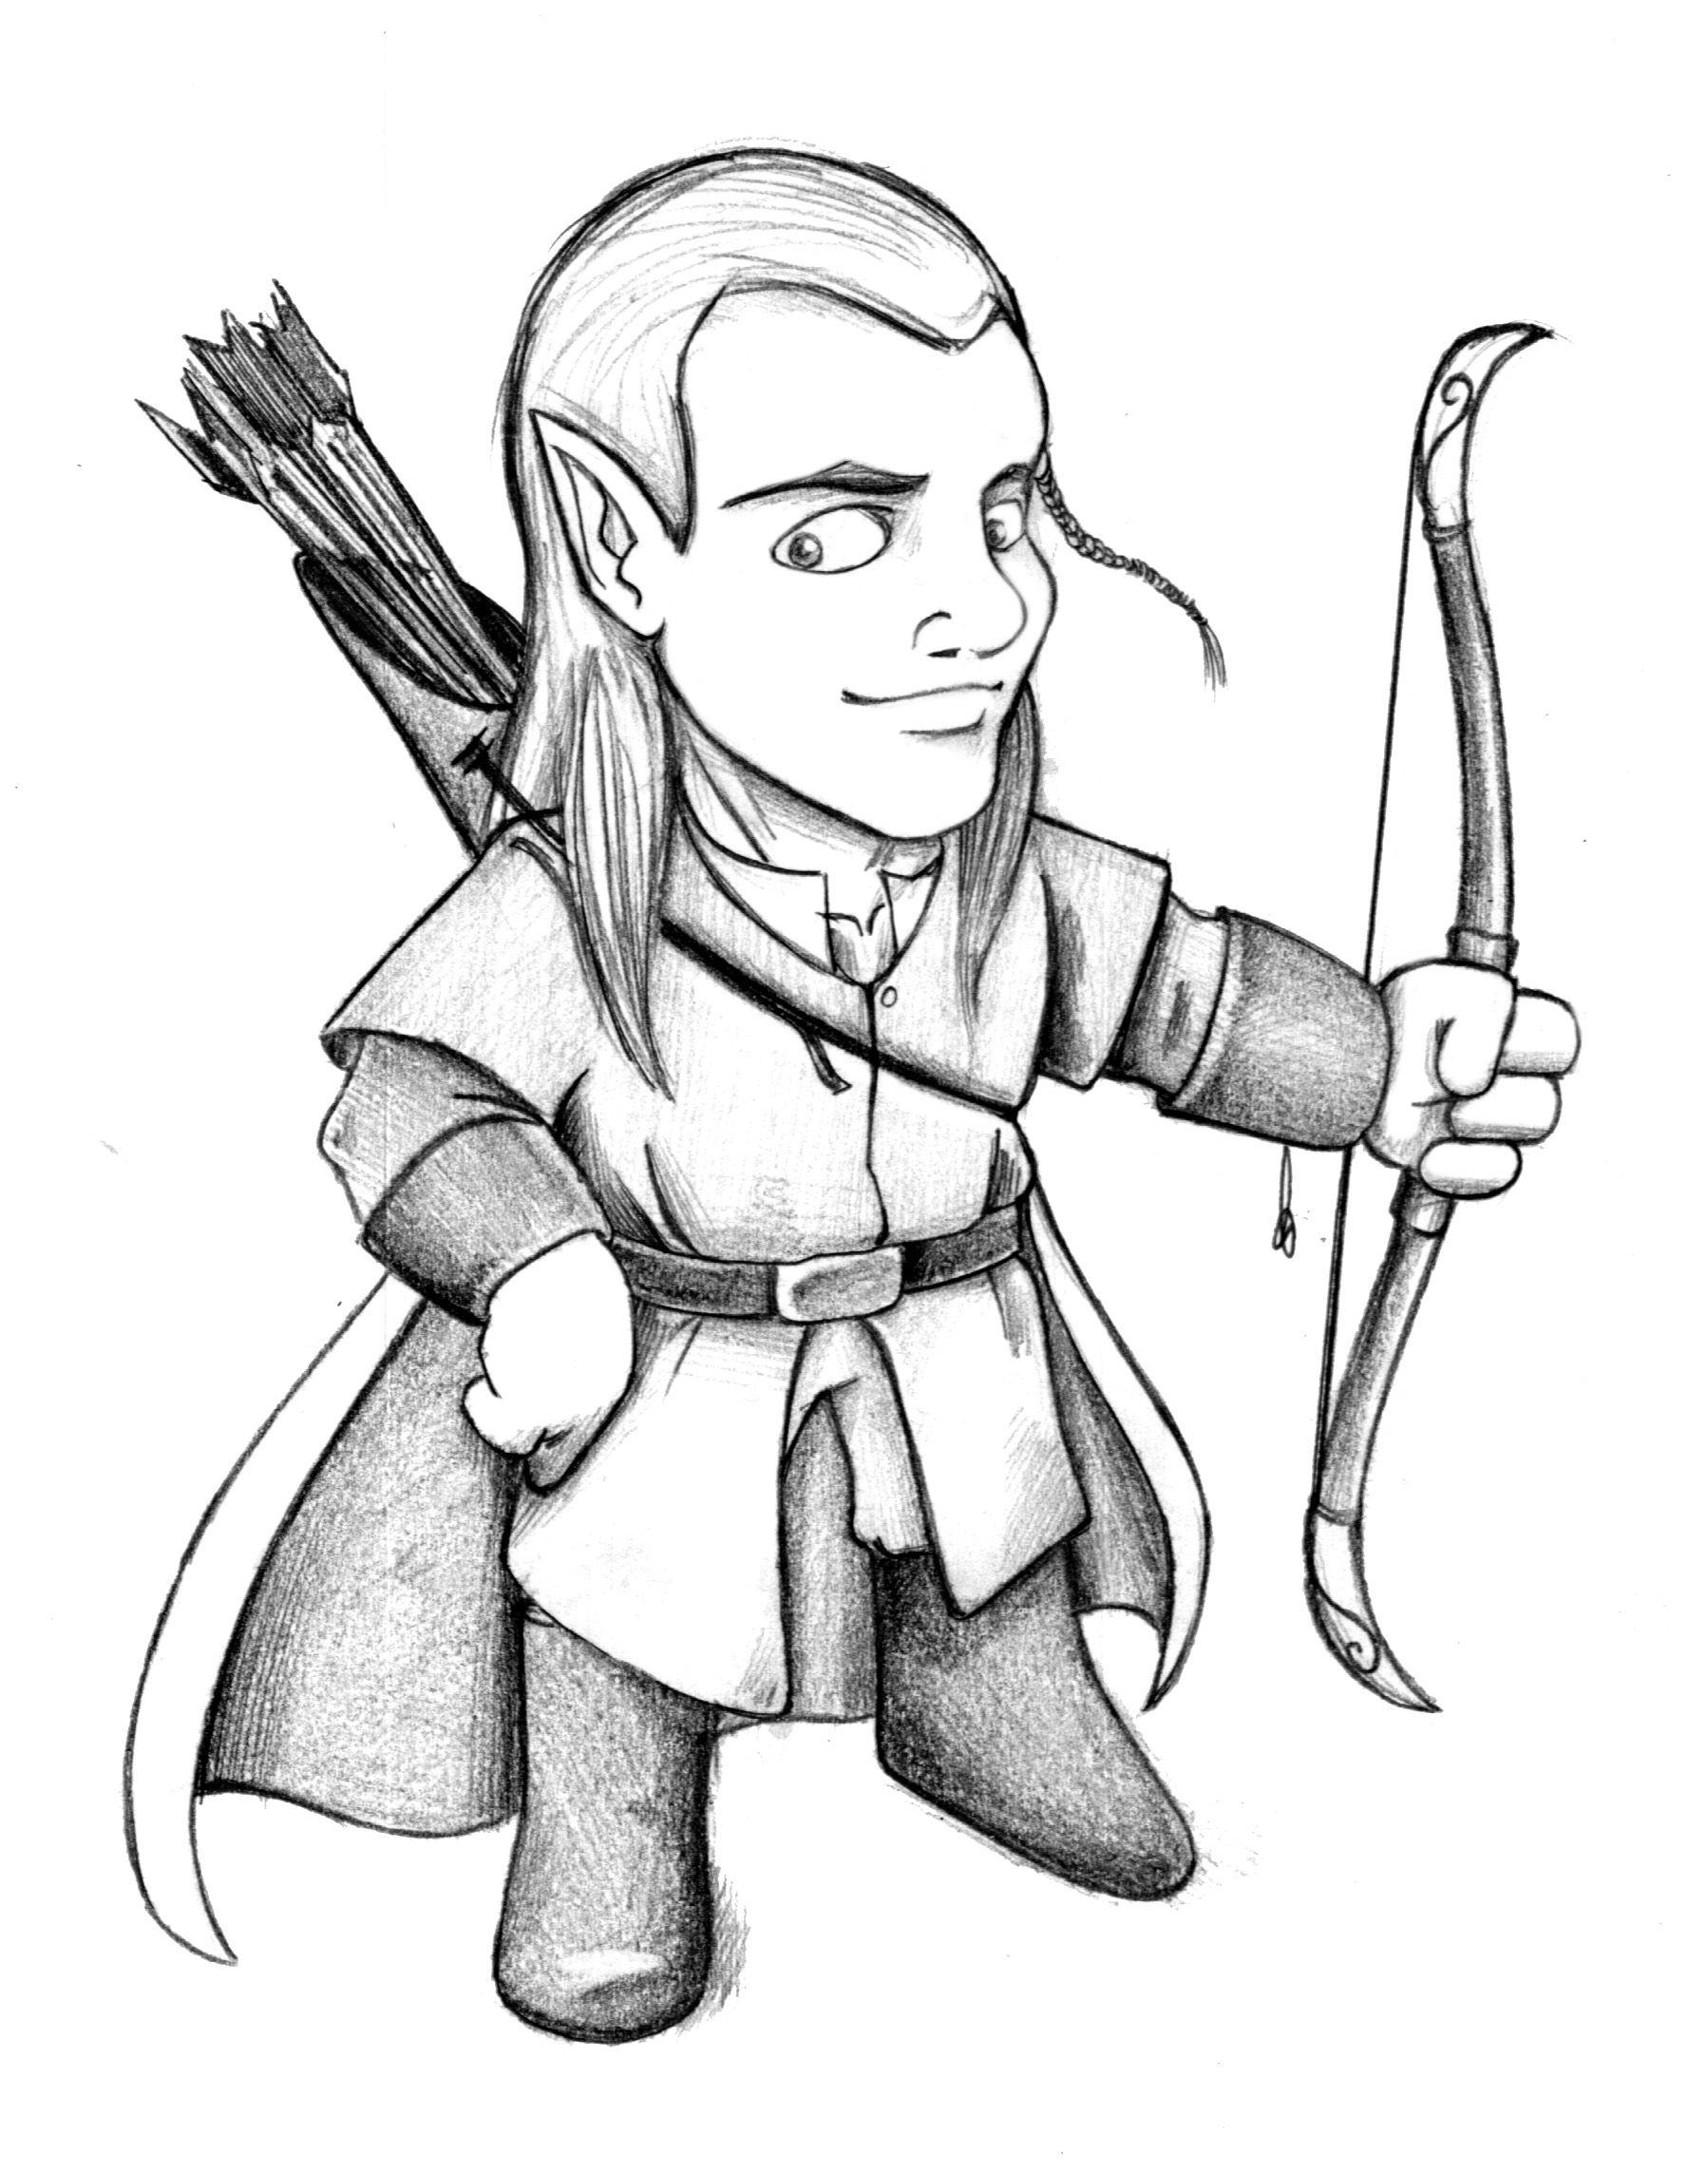 Legolas - Boceto / Skecth El Señor de los Anillos - La Comunidad del ...